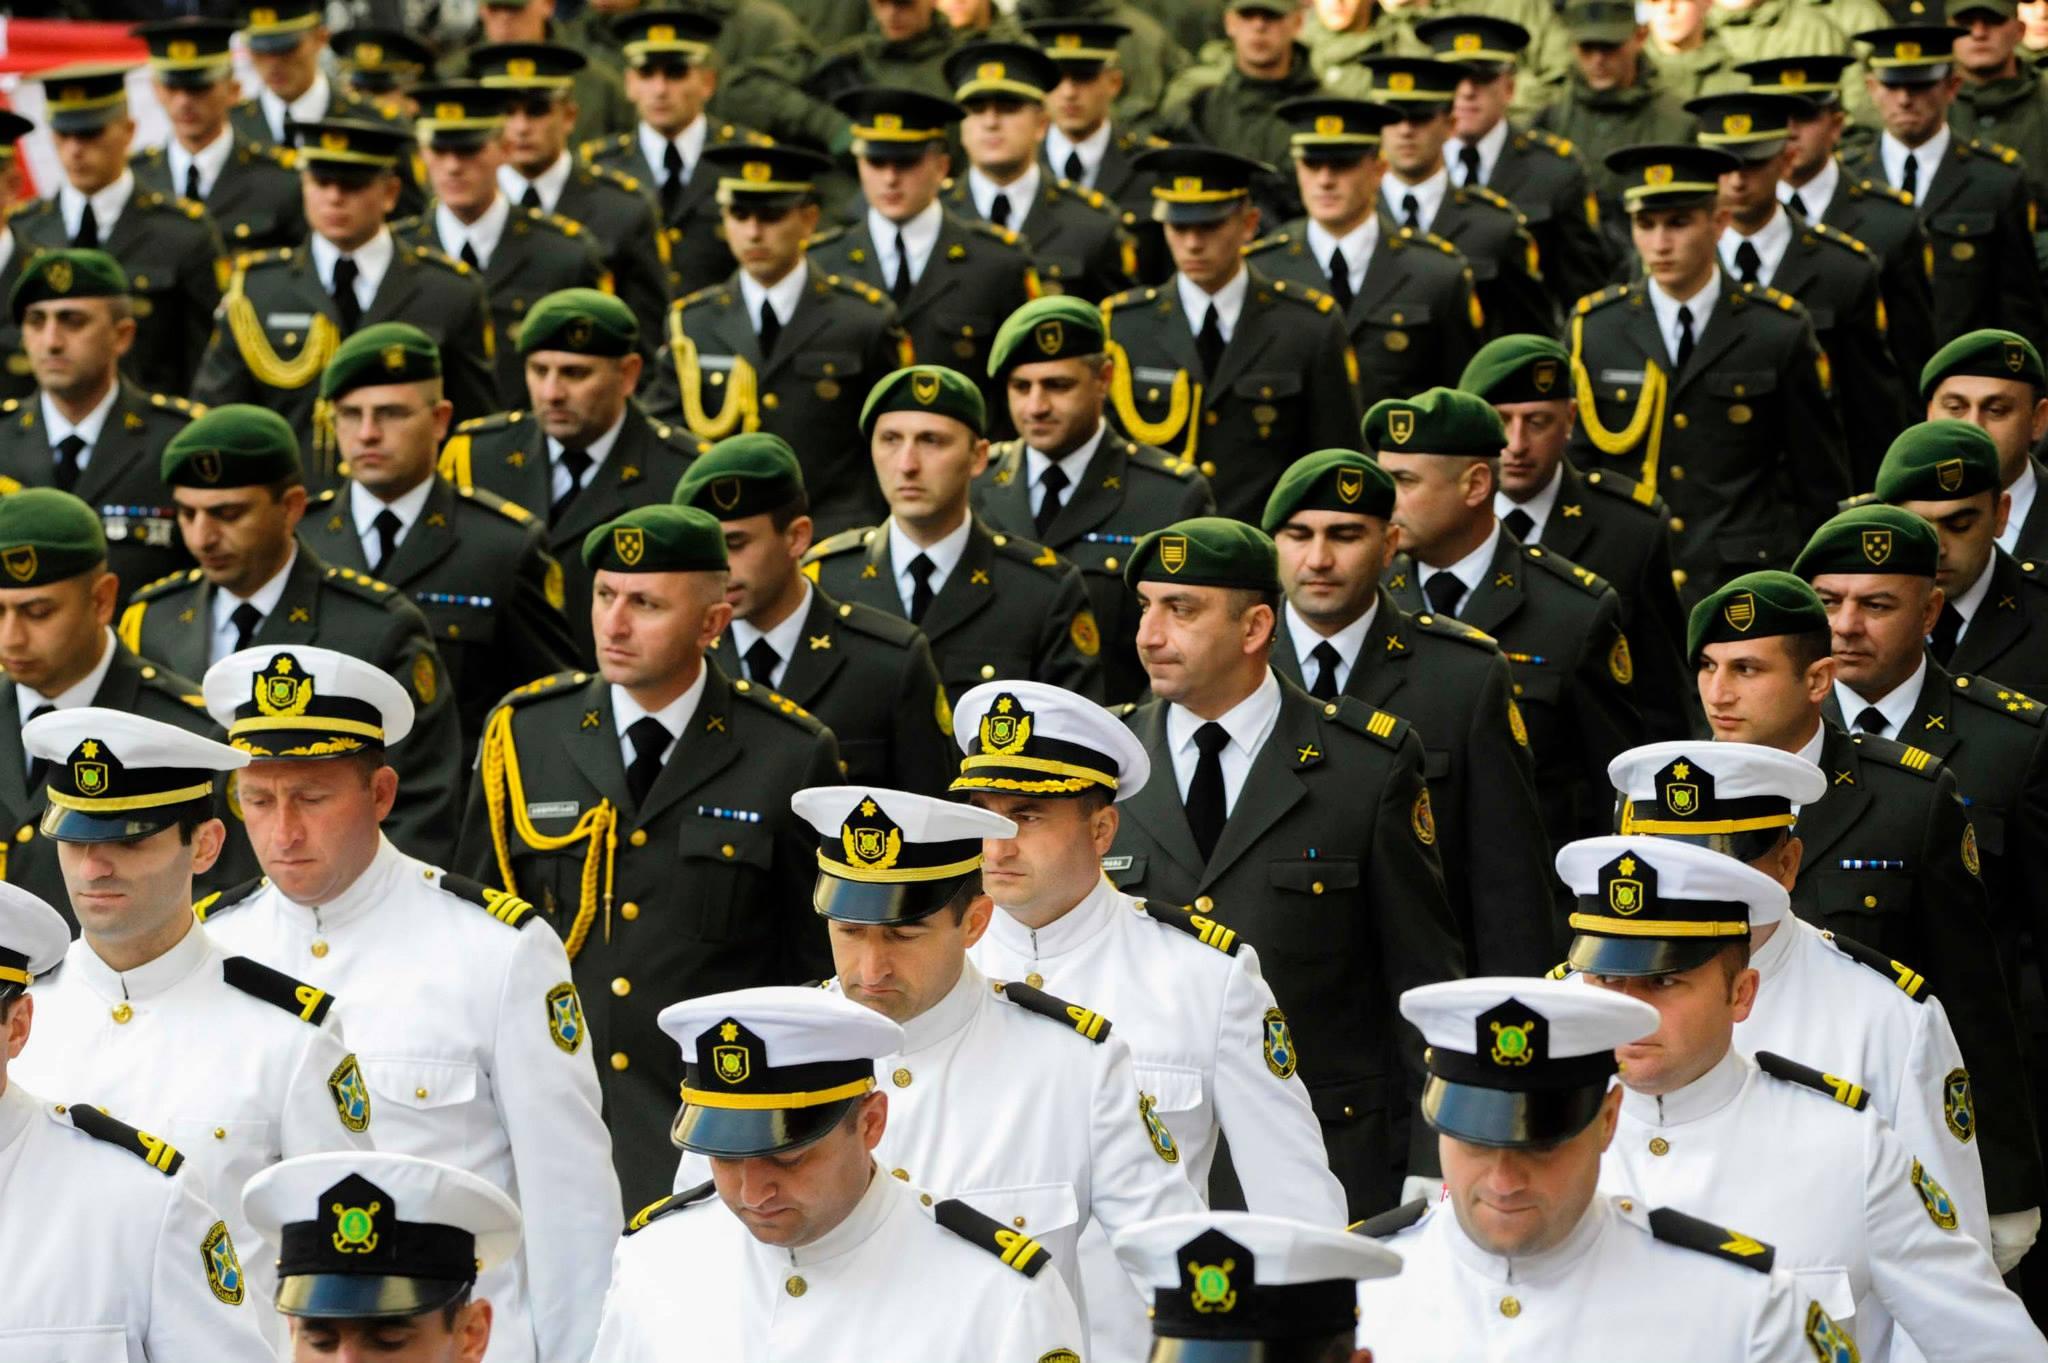 1399525 229561600545454 324200903 o министерство обороны министерство обороны